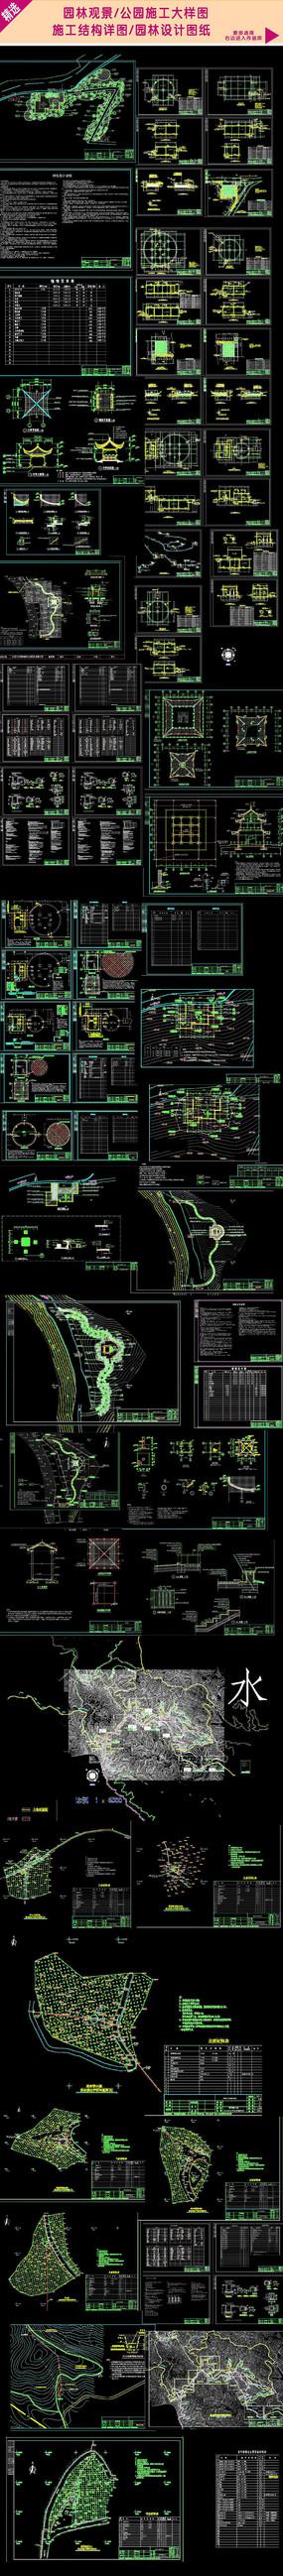 生态森林公园建筑绿化施工图